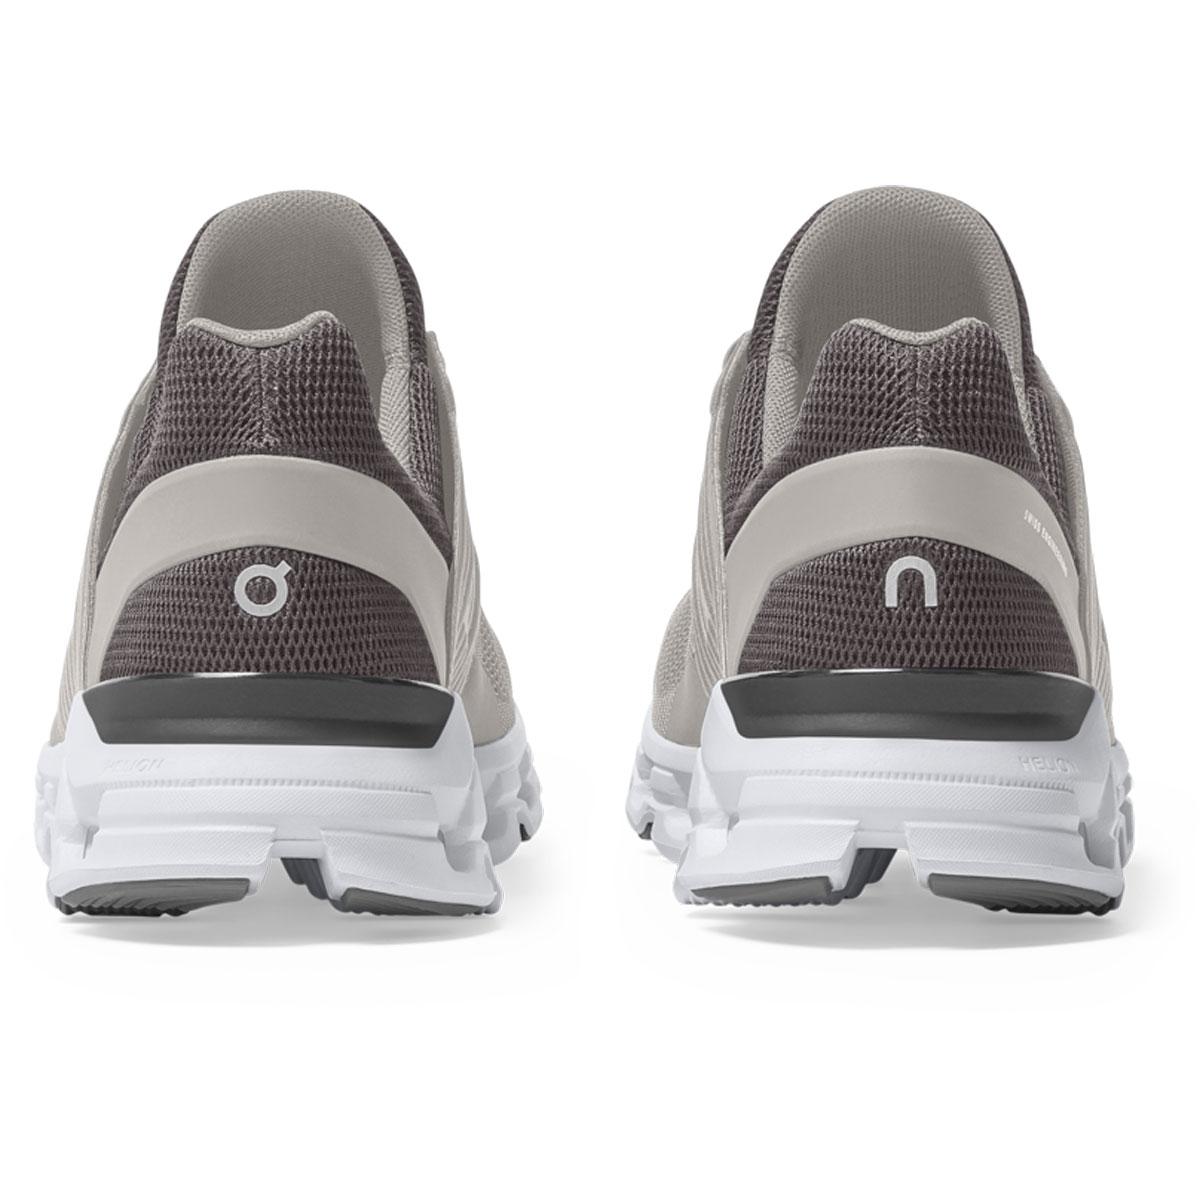 Men's On Cloudswift 2.0 Running Shoe - Color: Rock/Slate - Size: 7 - Width: Regular, Rock/Slate, large, image 3